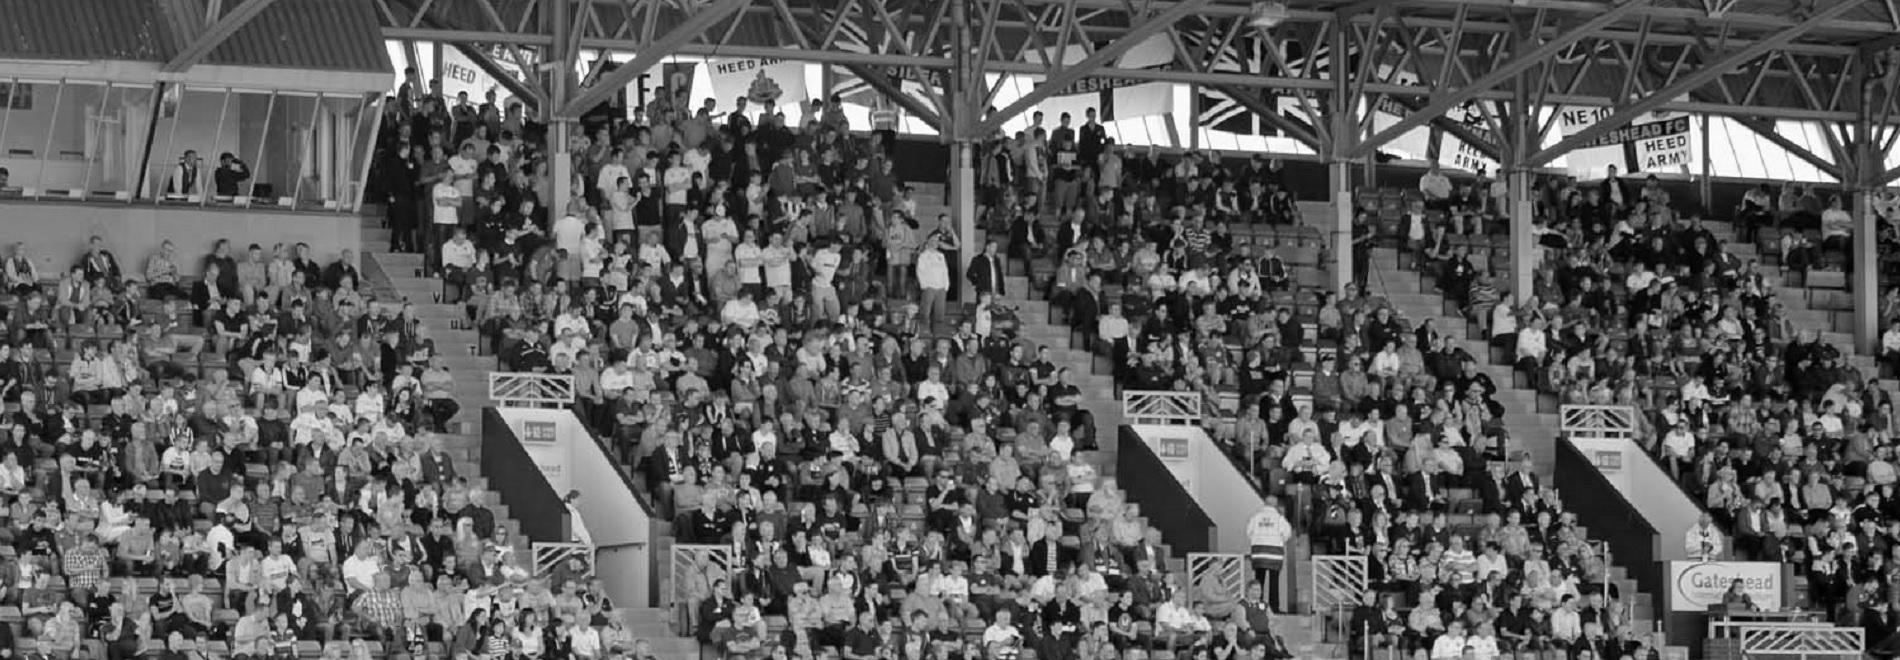 Gateshead fans